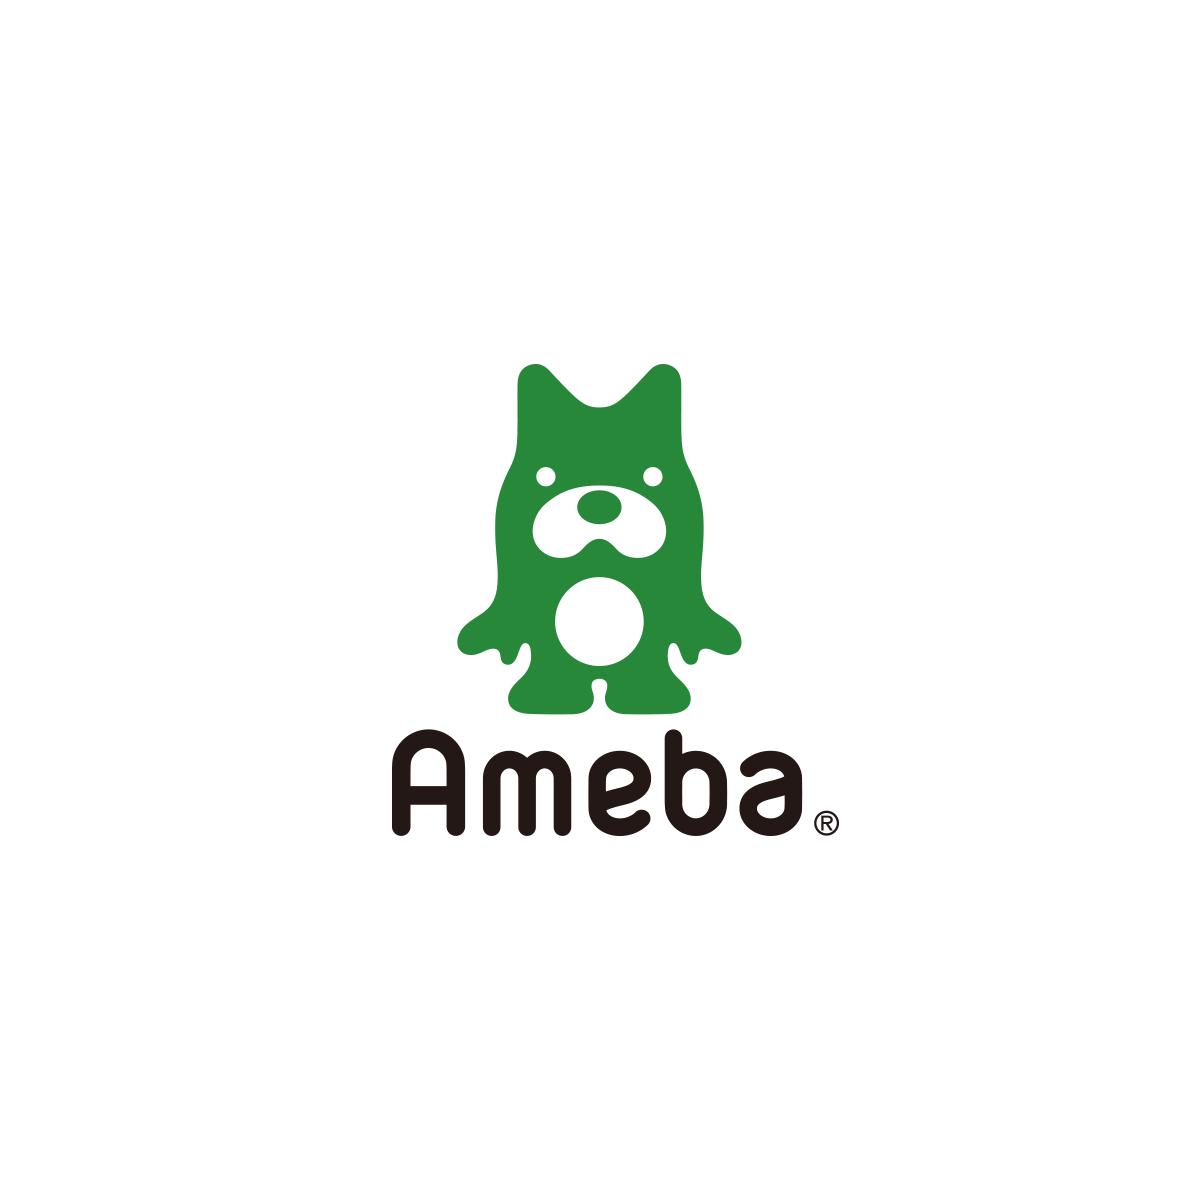 Ameba (アメーバ)|ブログ&ゲーム 1万人以上の芸能人ブログや定番アメーバピグで遊ぼう♪